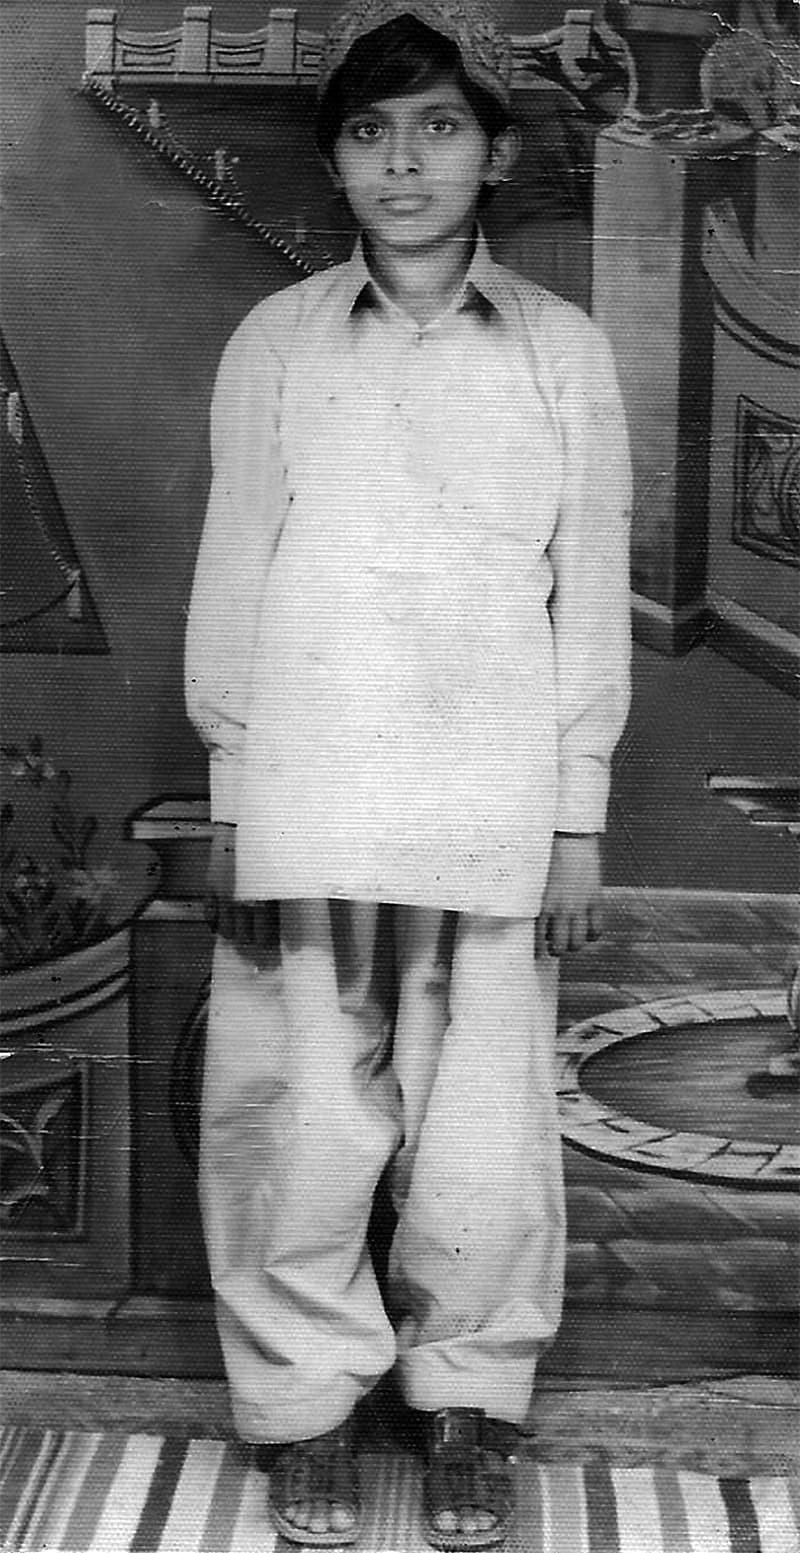 1974ء میں قائدآباد کے حمید اسٹوڈیو میں کھنچوائی گئی میری پہلی اکیلی تصویر